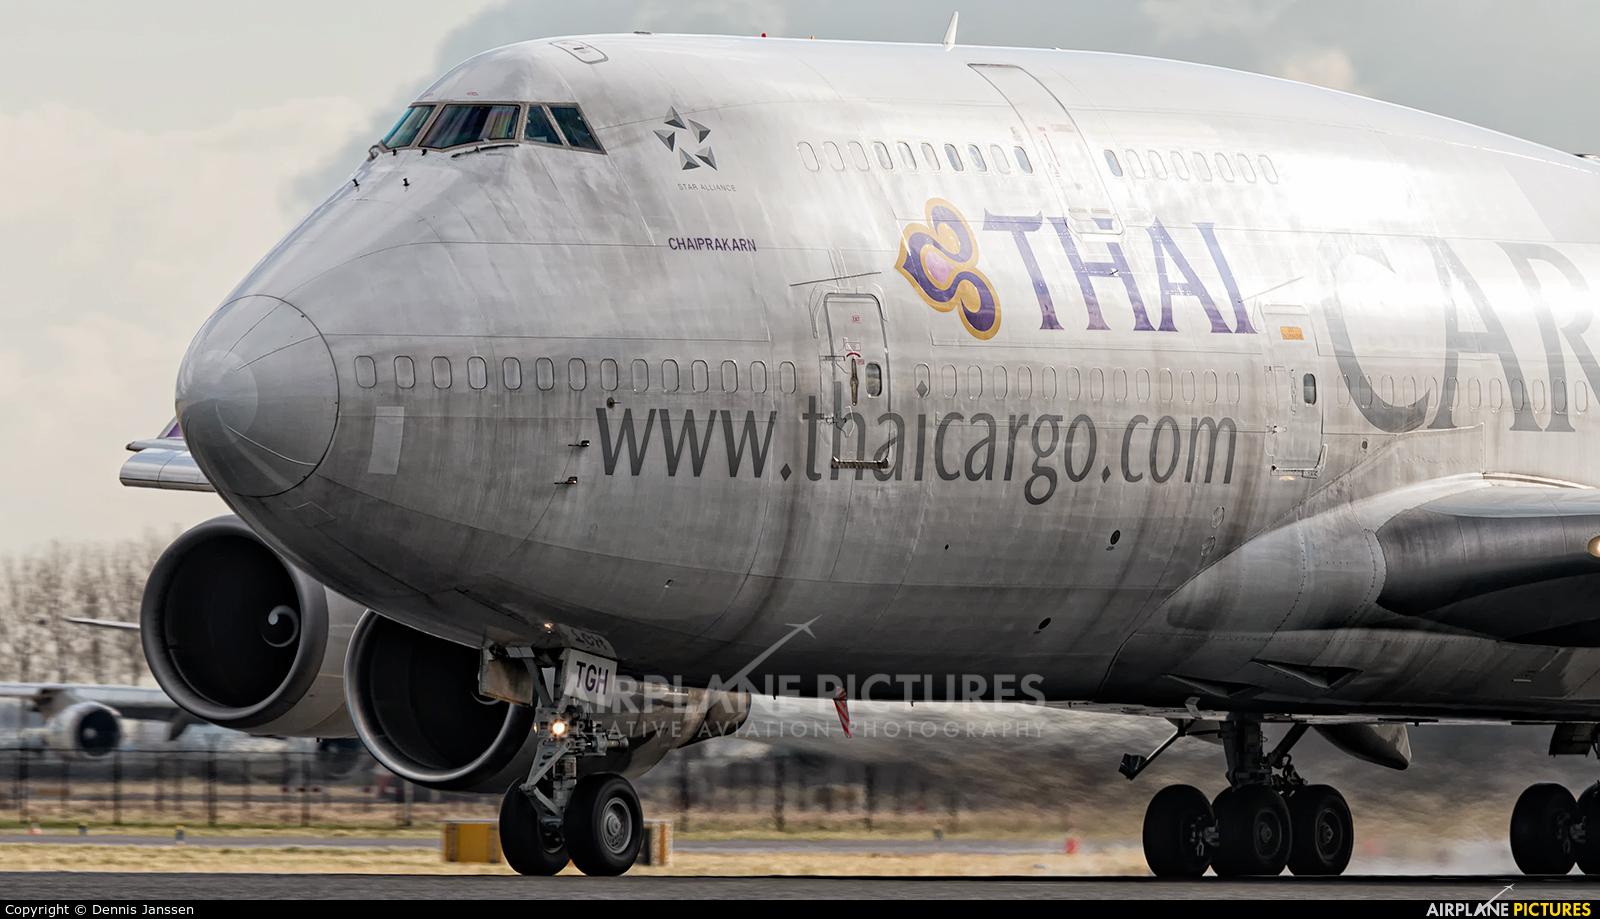 Thai Cargo HS-TGH aircraft at Amsterdam - Schiphol